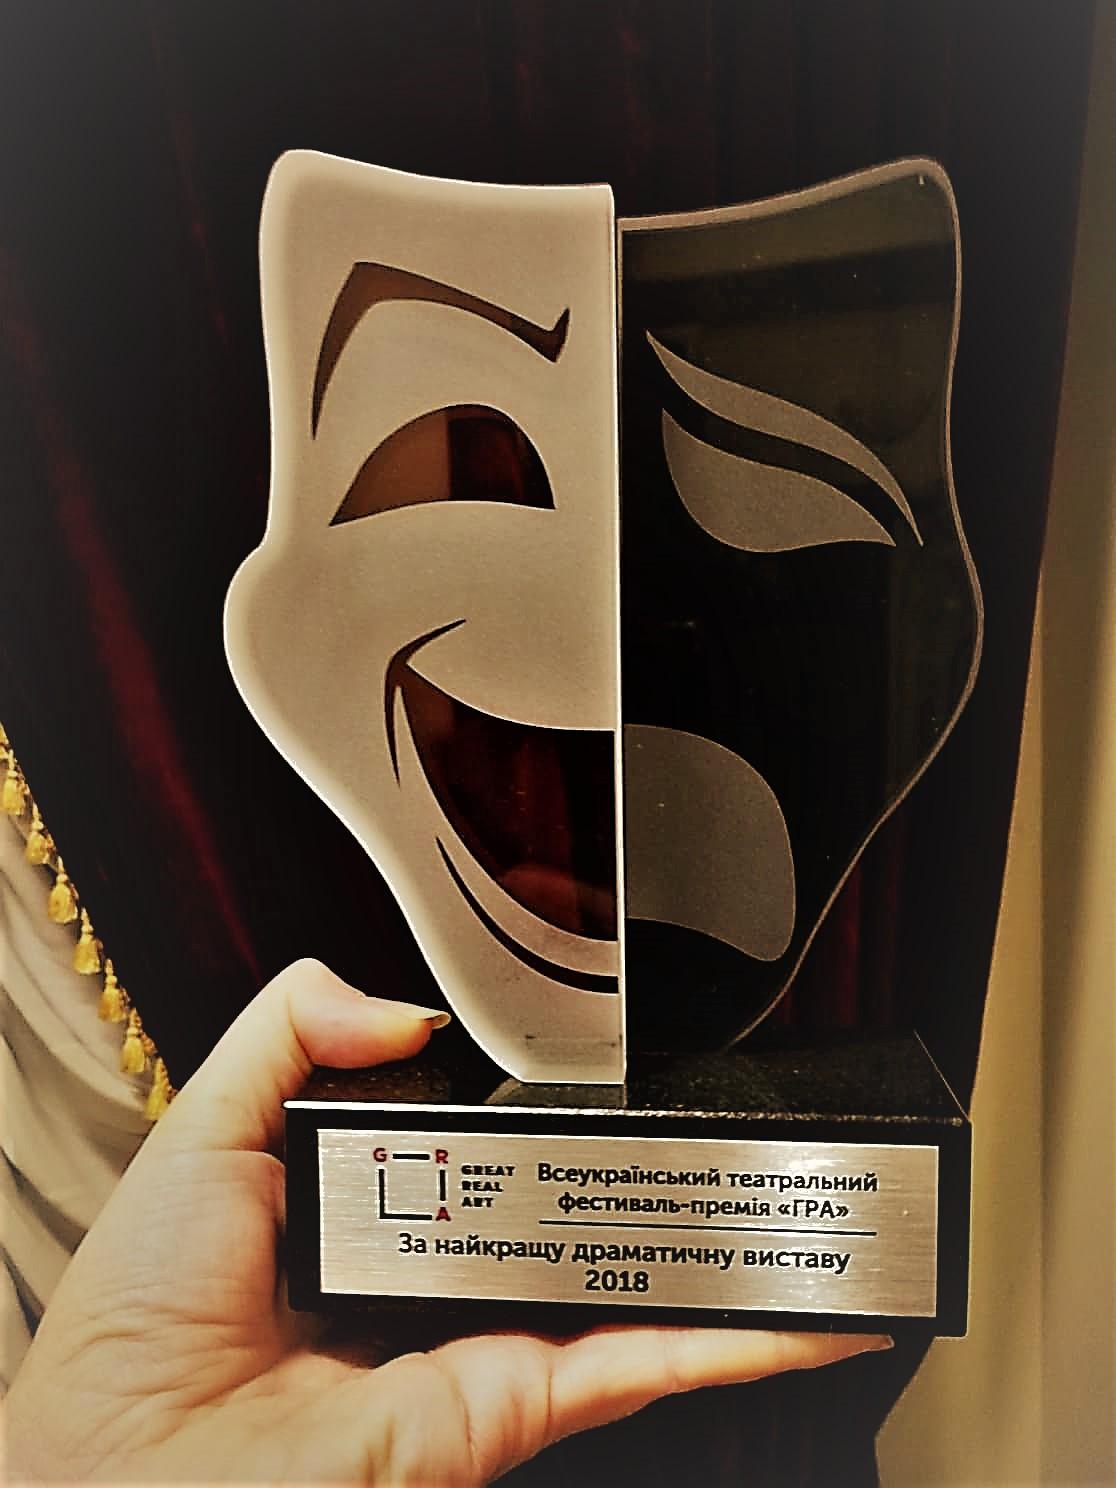 Победители театрального фестиваля-премии «GRA»-Фото 1